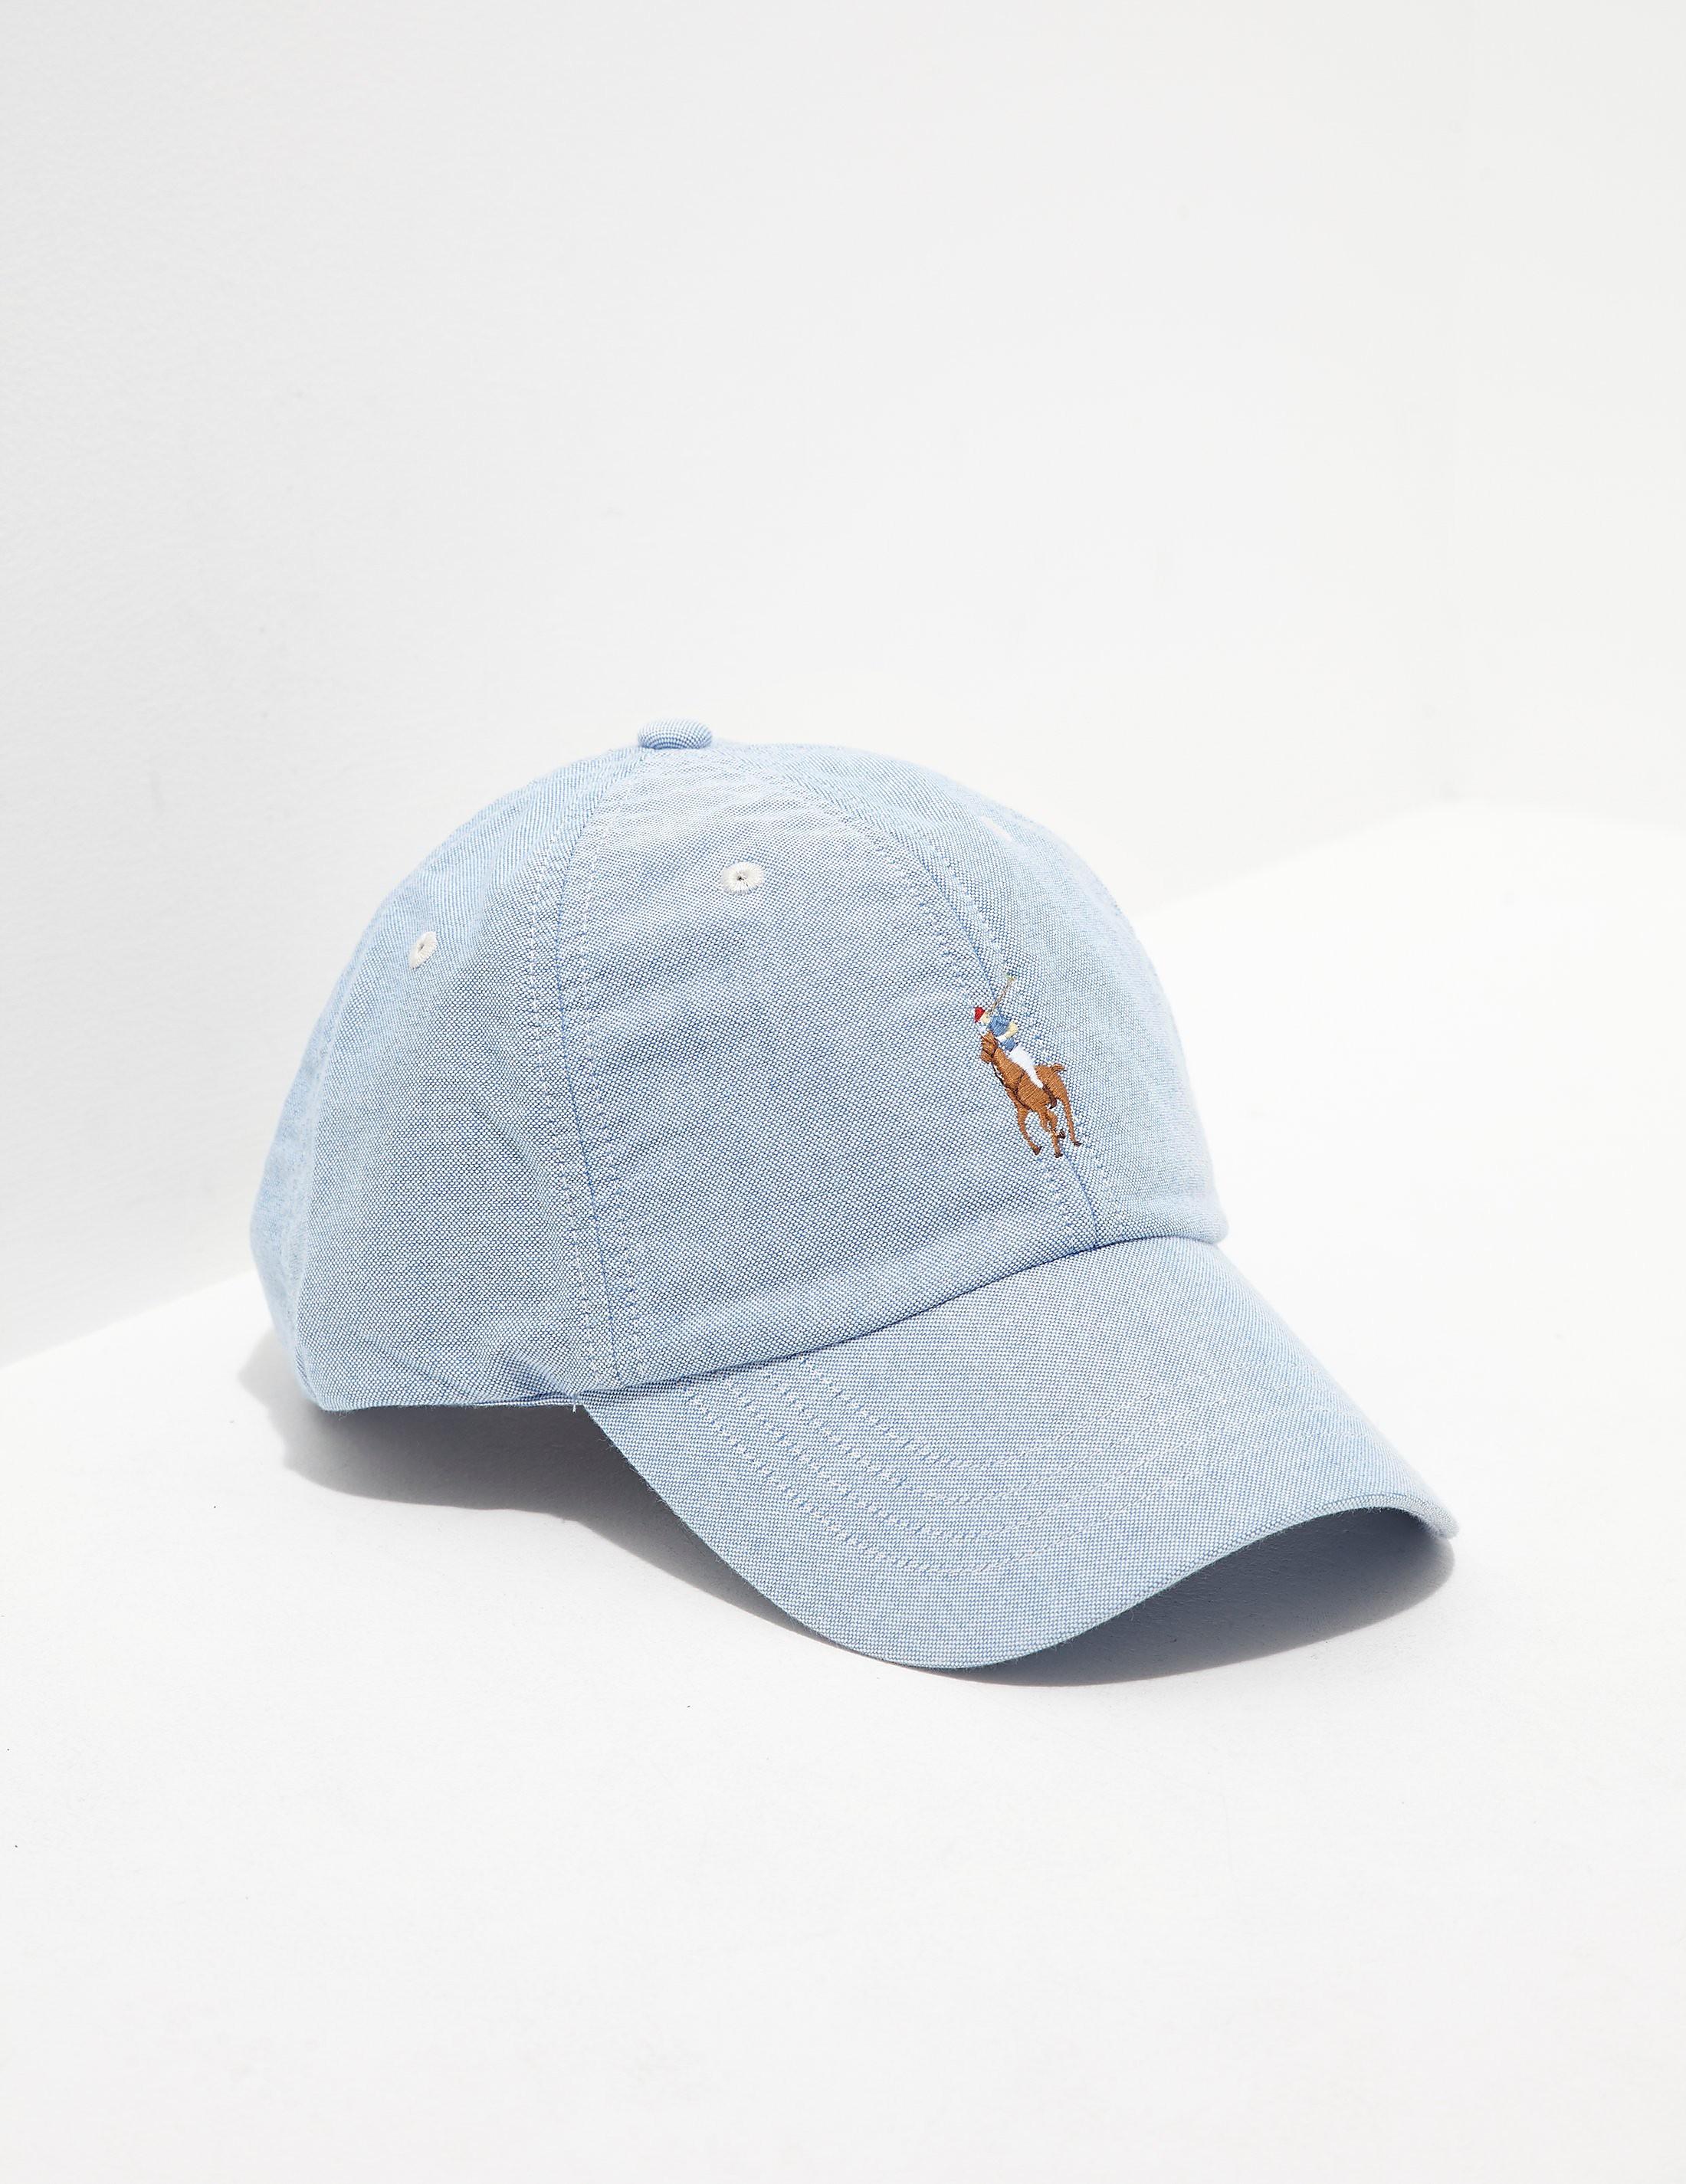 Polo Ralph Lauren Oxford BSR Cap